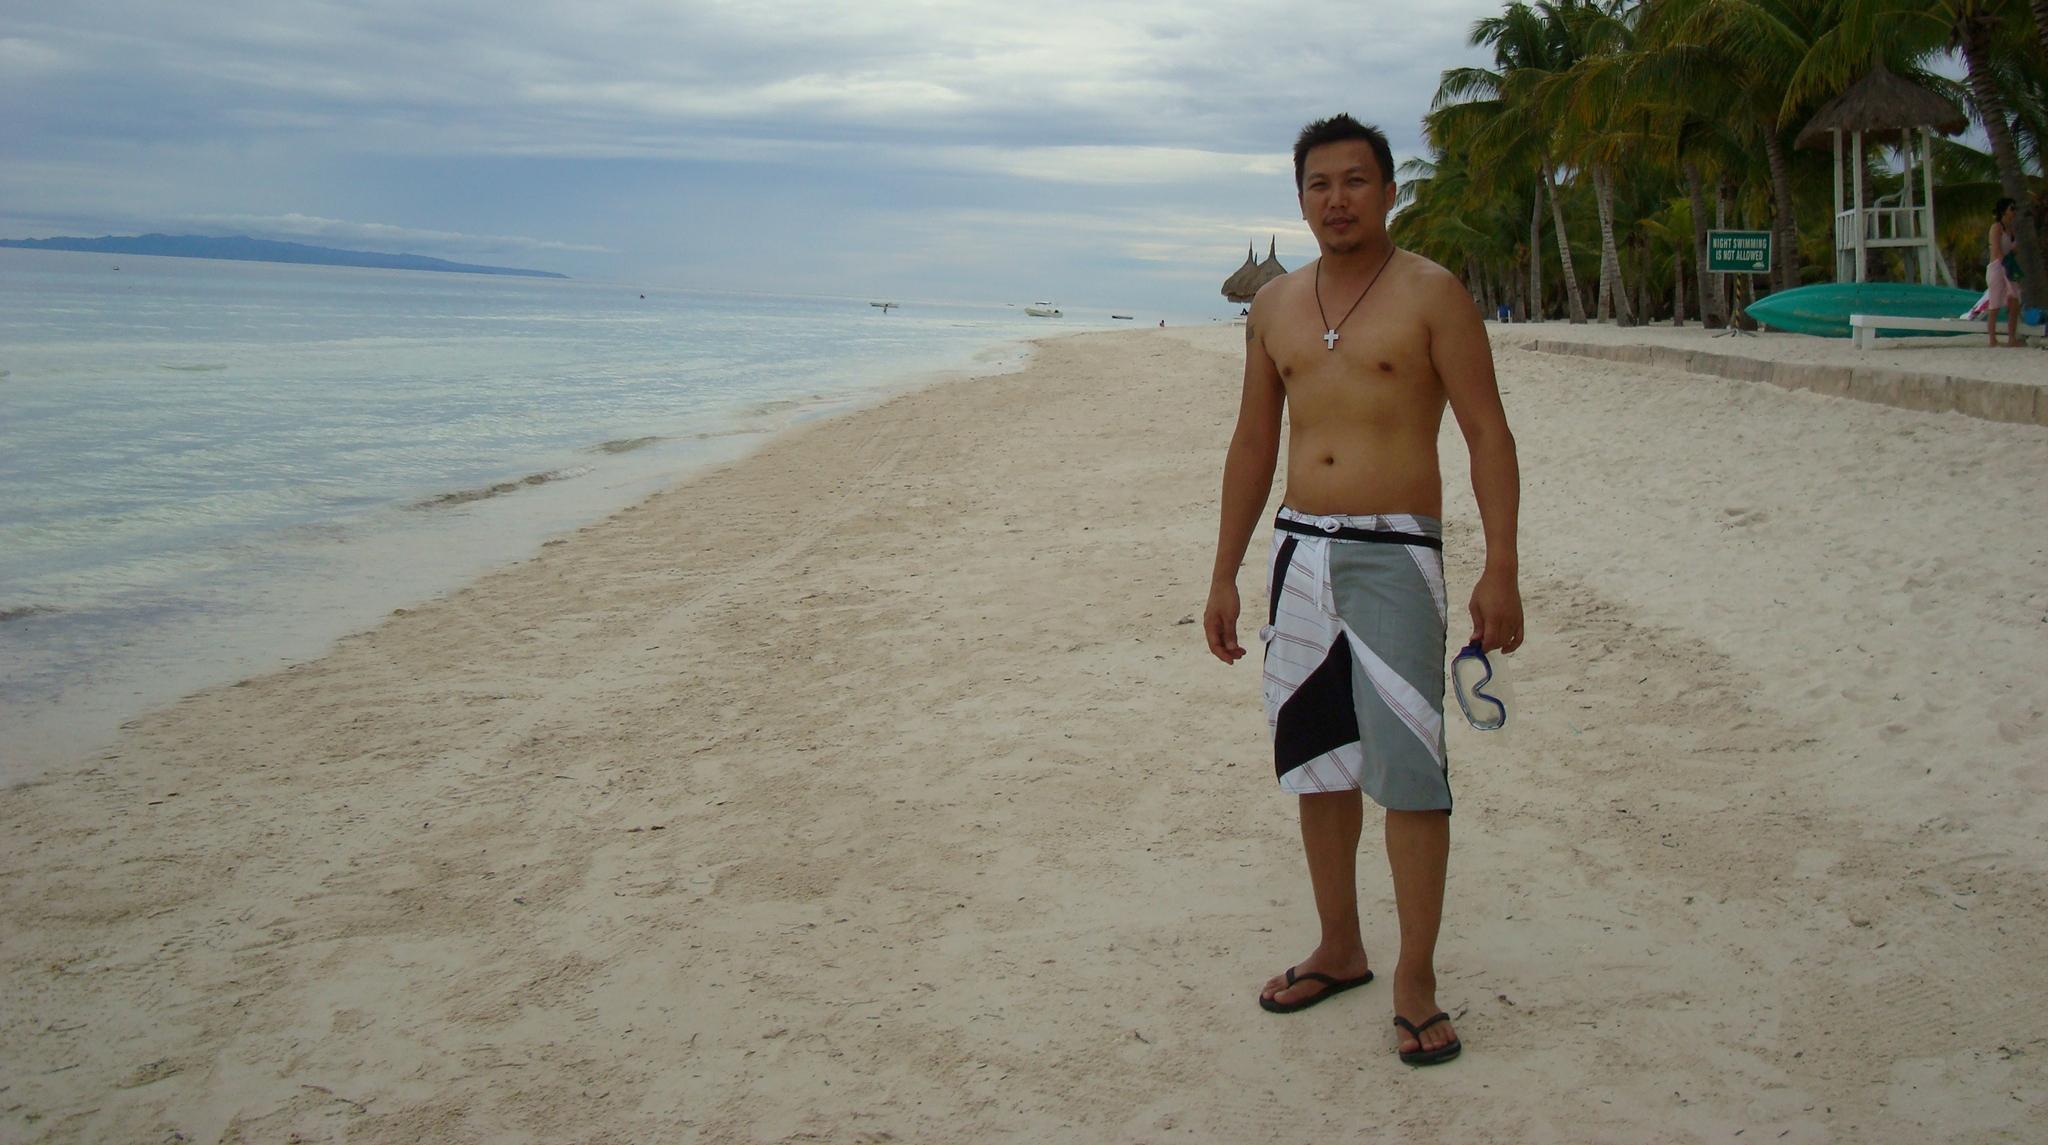 Iliyana bikini photos